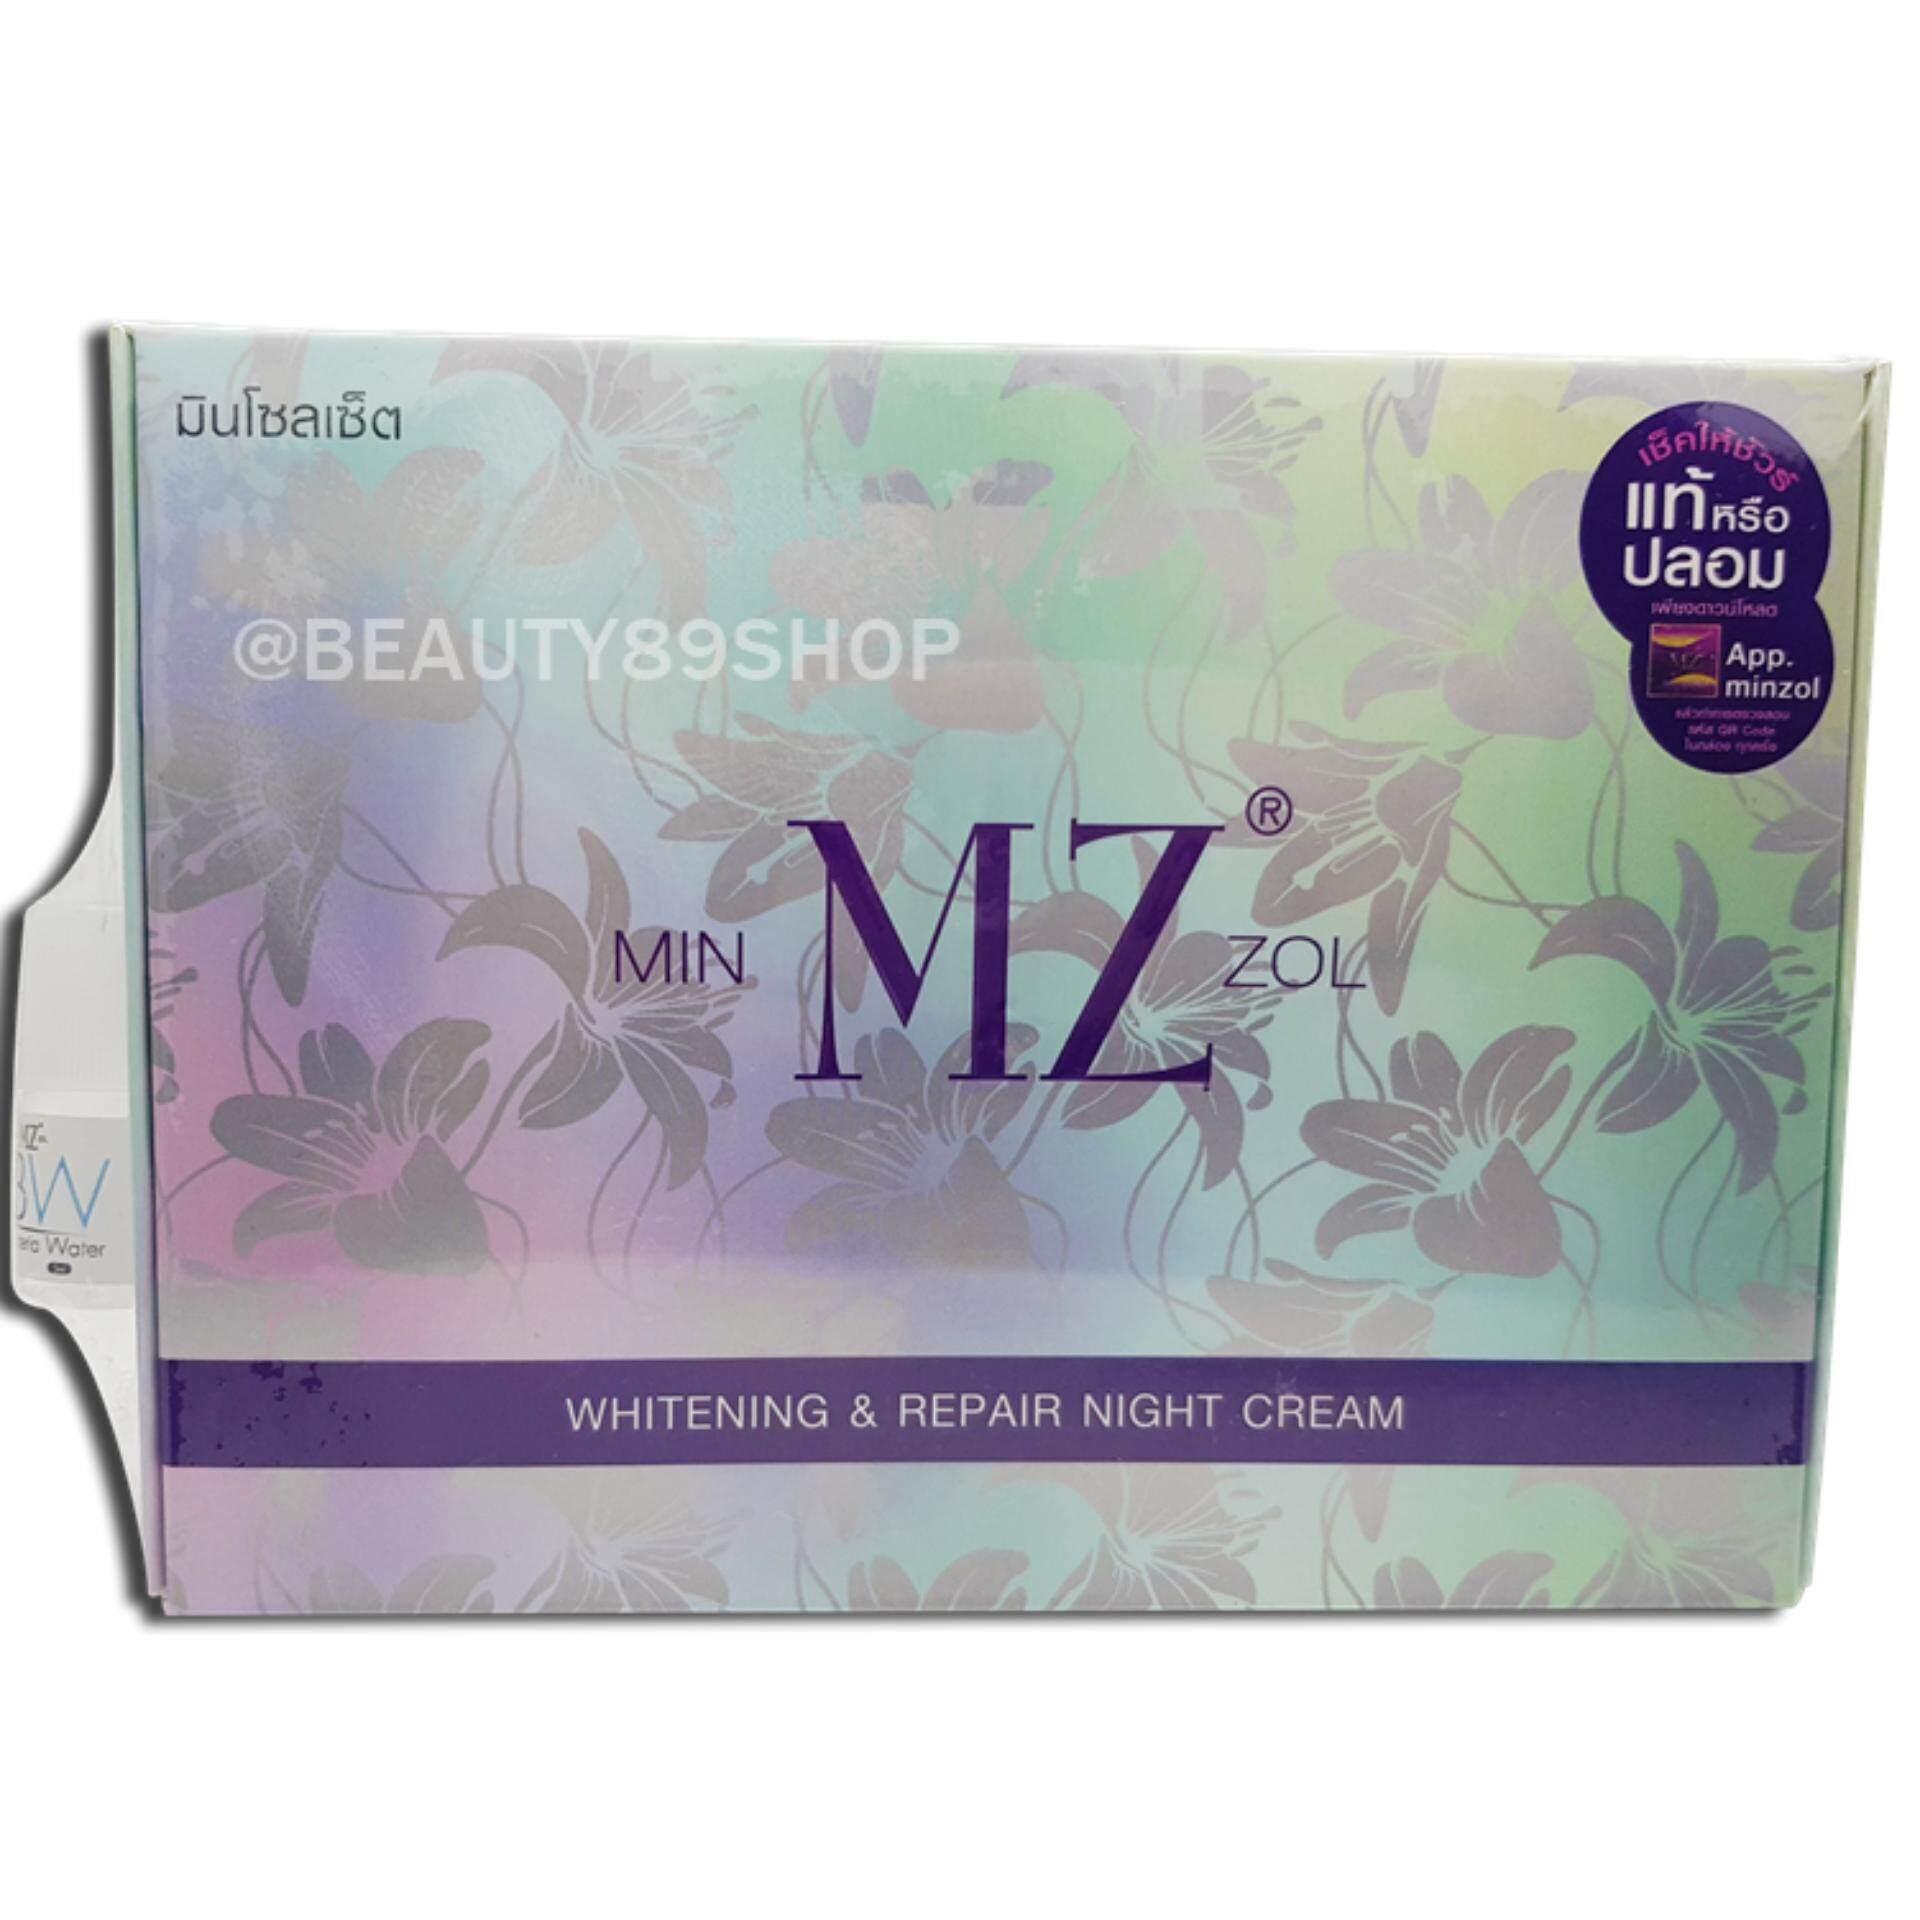 ขายดีที่สุด MinZol มินโซว ครีมมินโซว หน้าขาว กระจ่างใส ไร้สิว รุ่น QR Code 1 กล่อง เห็นผลทันตา